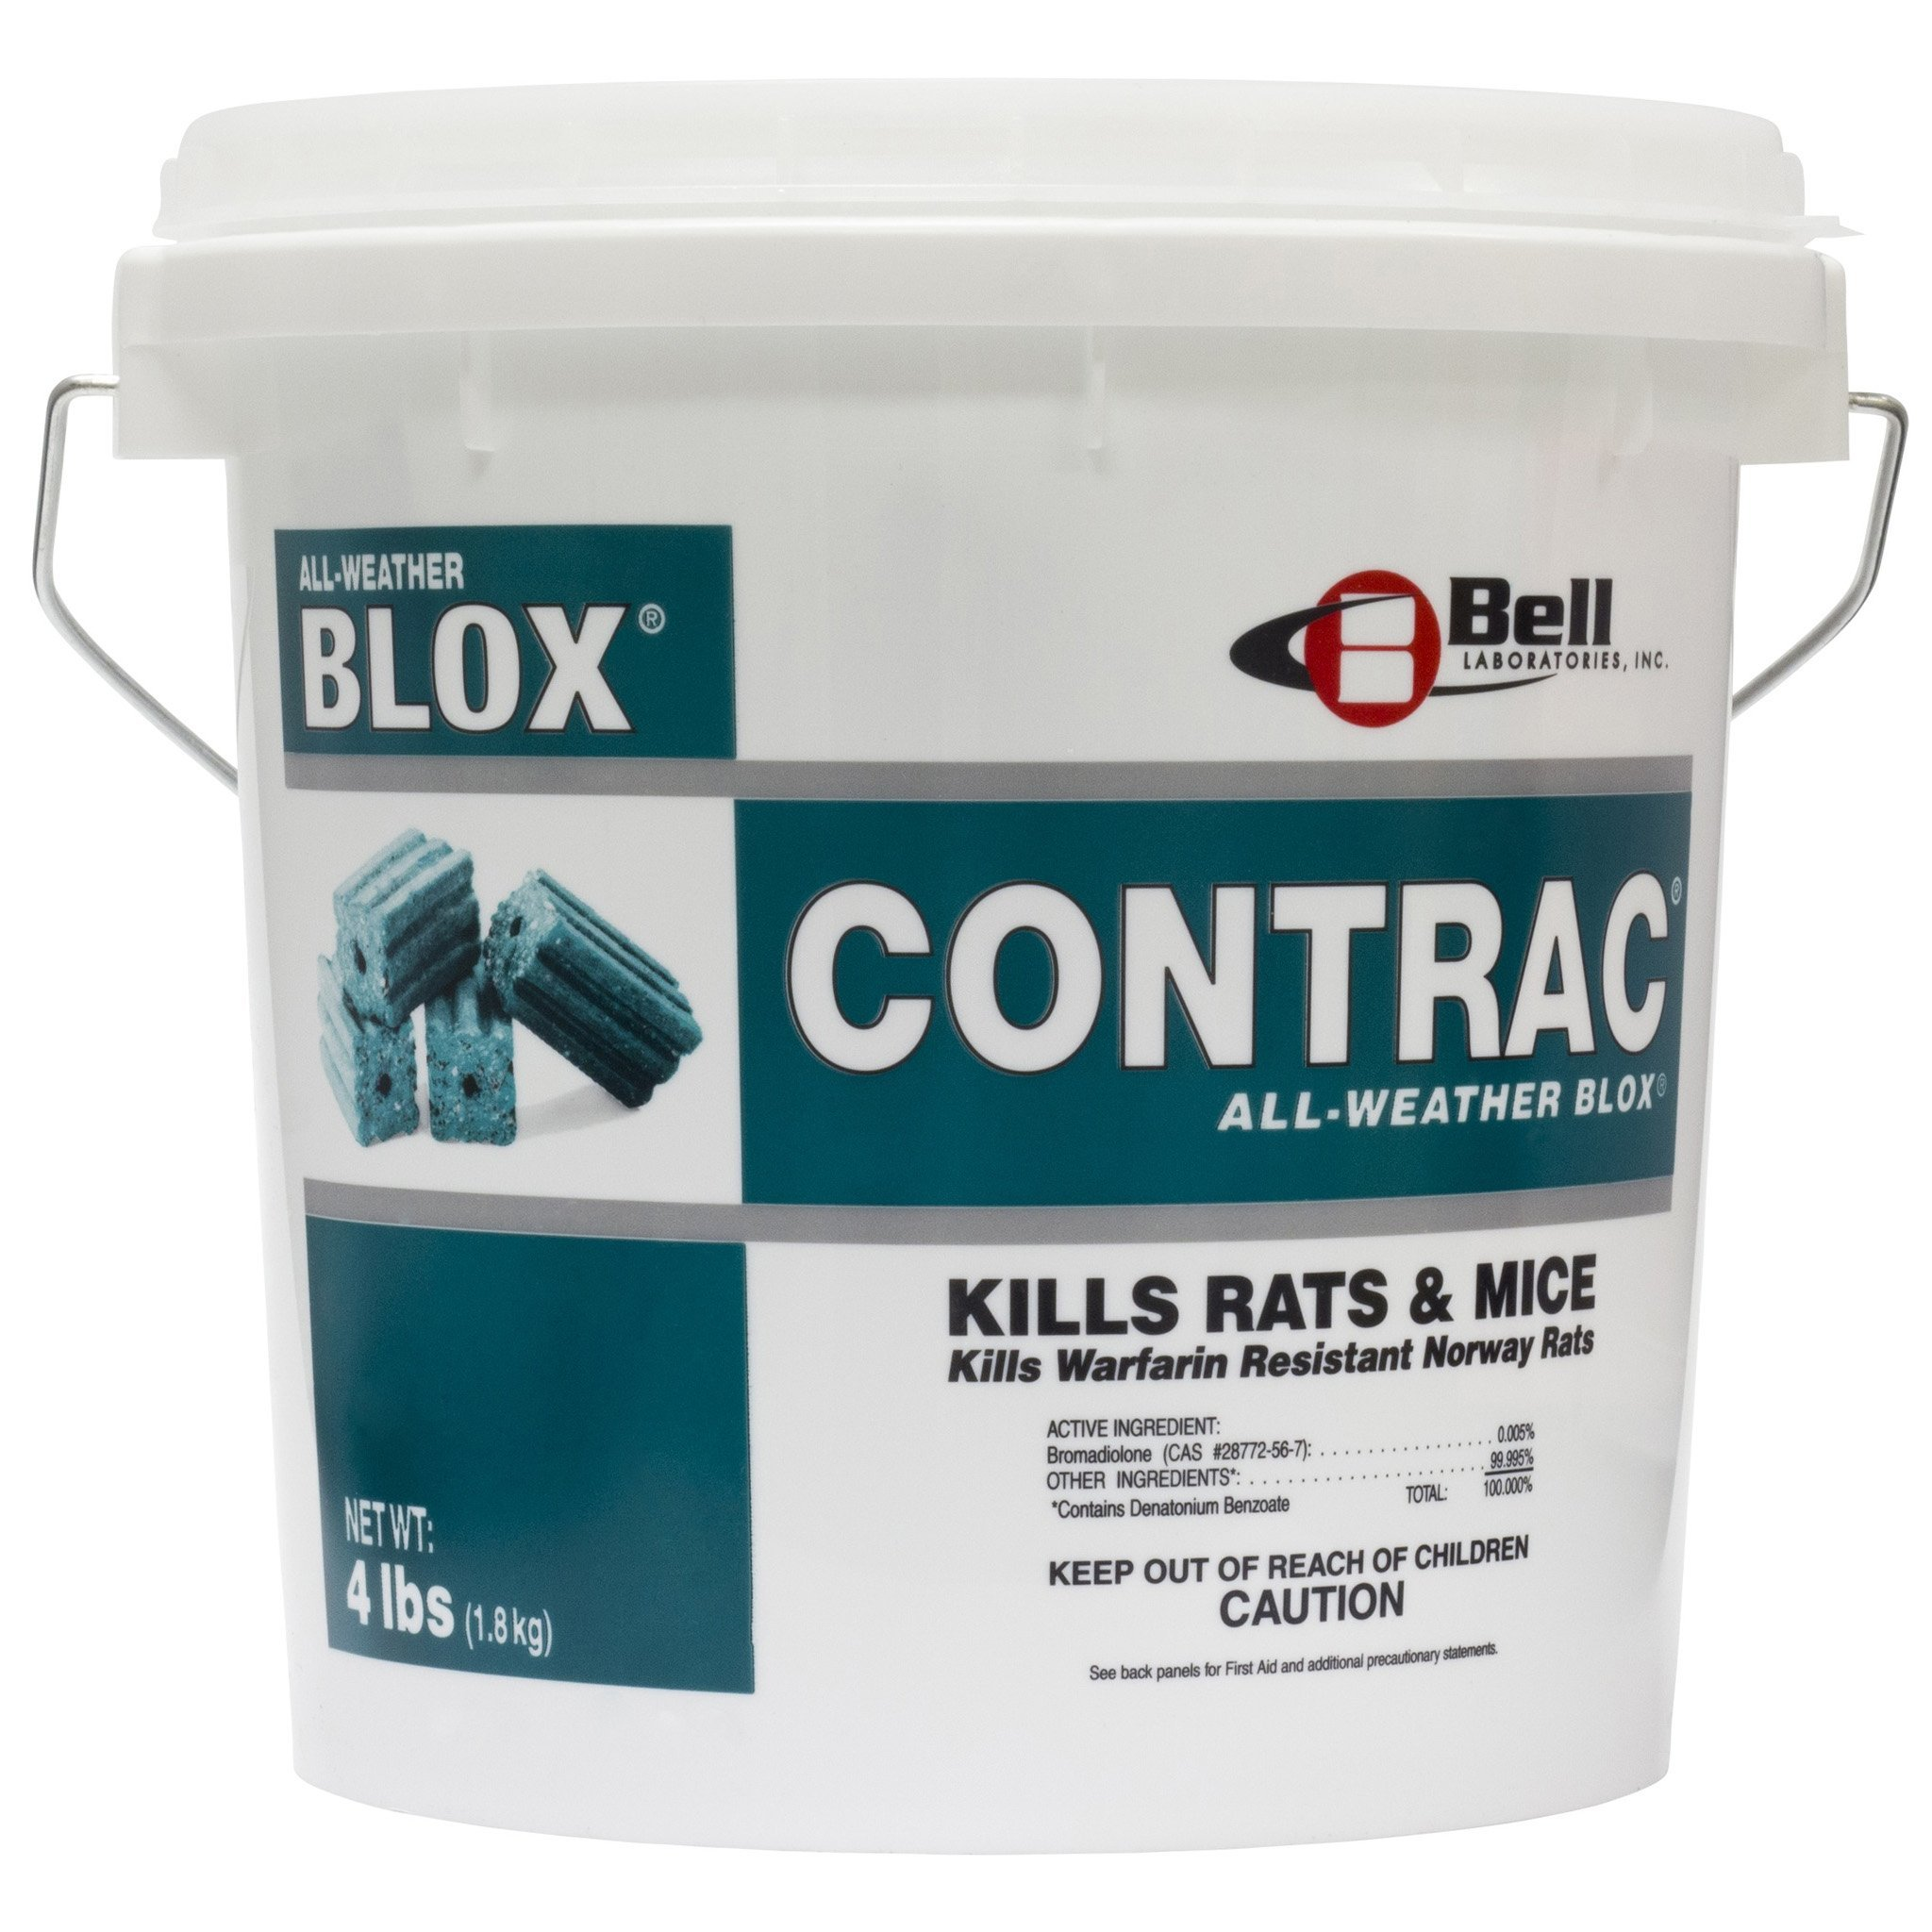 Contrac Blox 4x4 lb pails